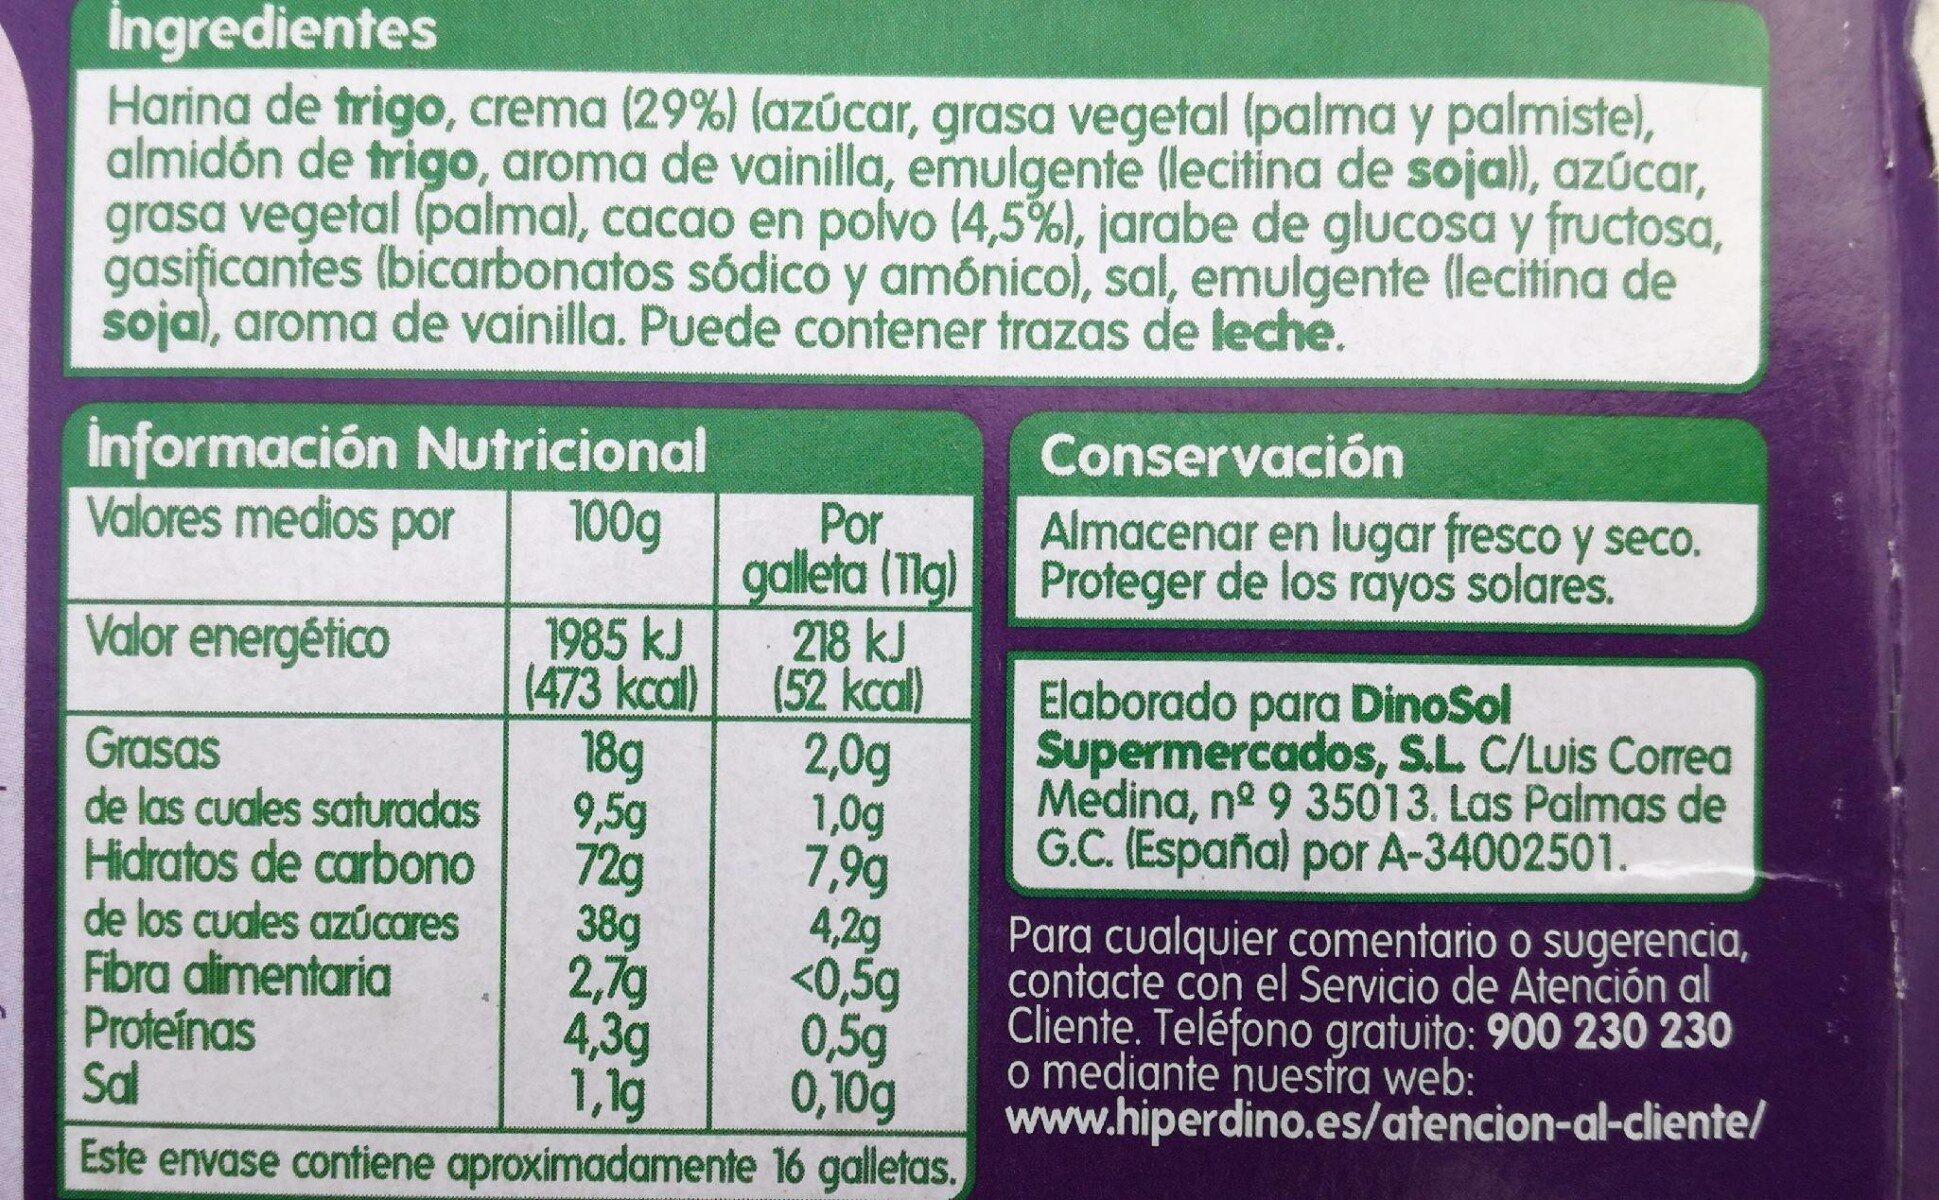 Galletas al cacao rellena crema - Nutrition facts